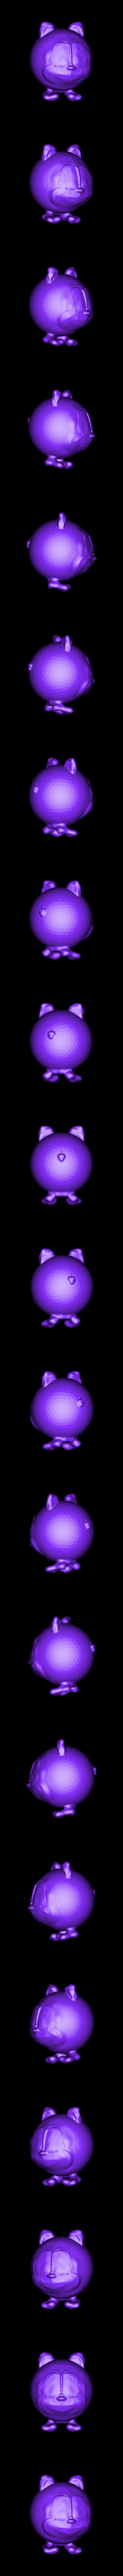 toc.obj Download free OBJ file toc (squirrel boy series minitoys) • 3D print object, Majin59